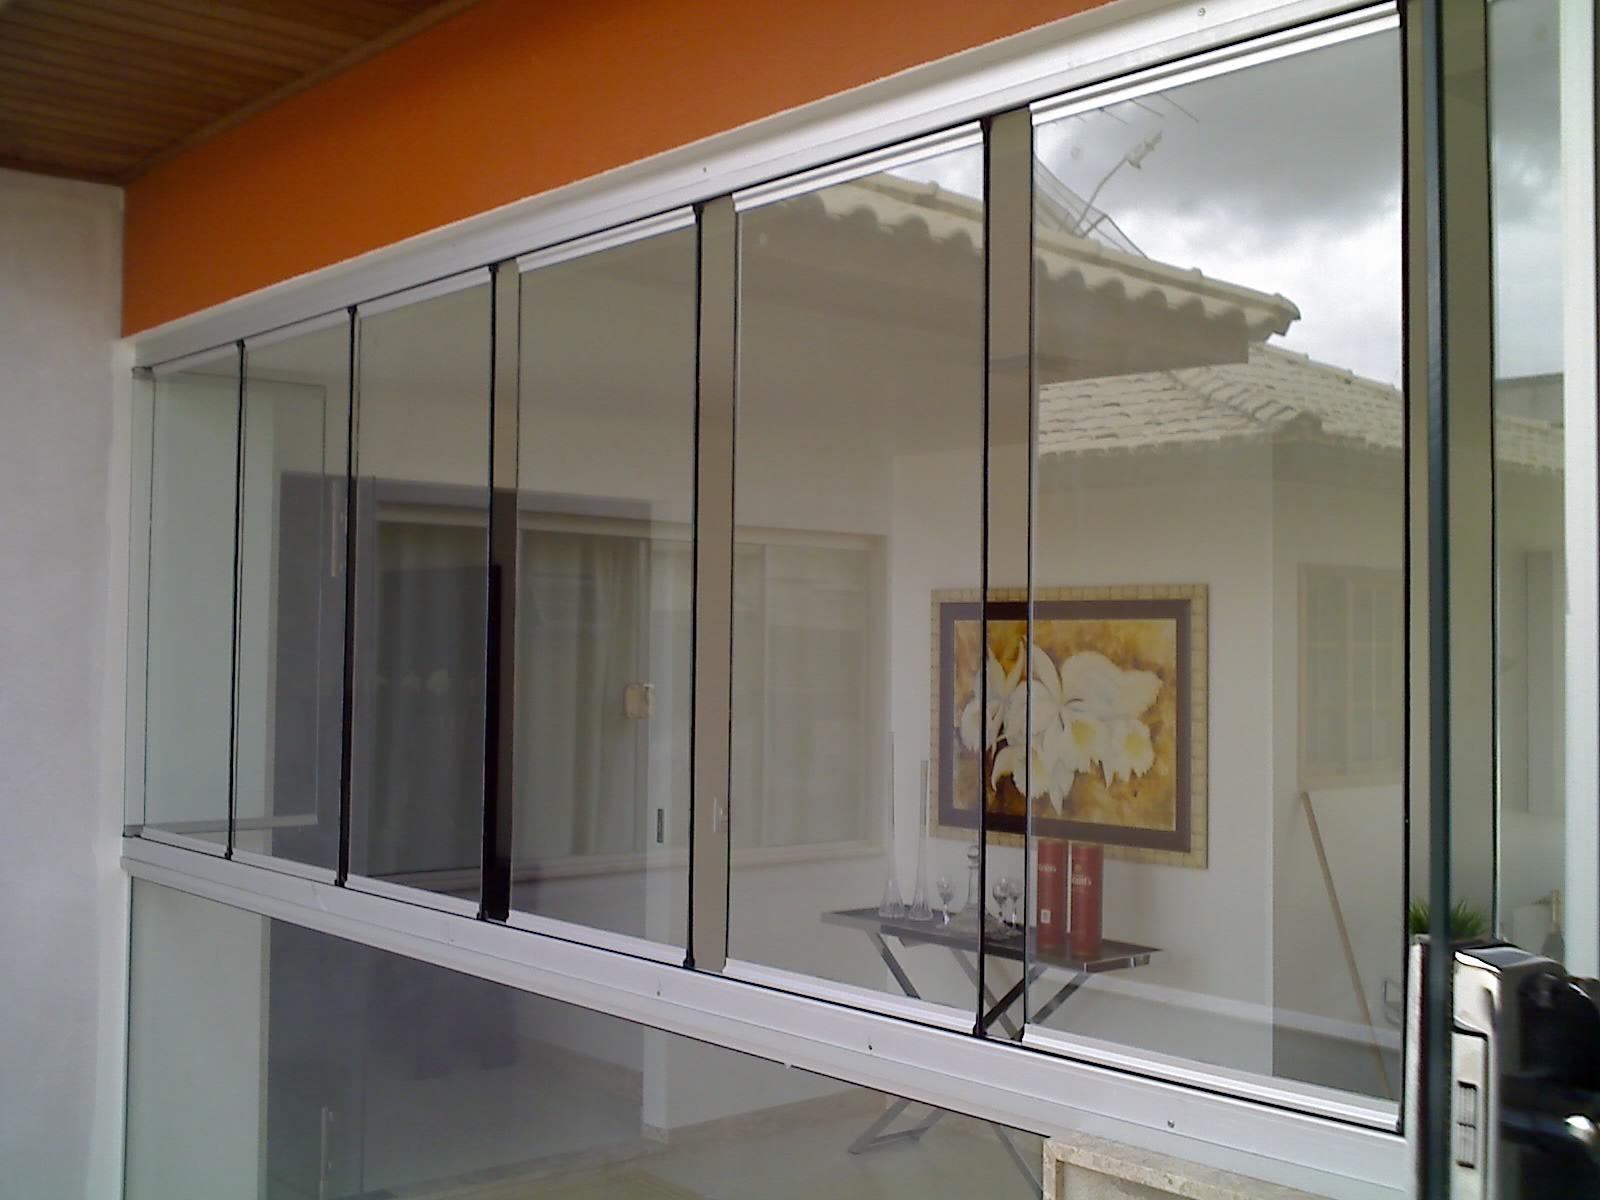 #7B3E16 cortina de vidro também chamada de janela panorâmica ou janela de  382 Janelas De Vidro Usadas Em Bh